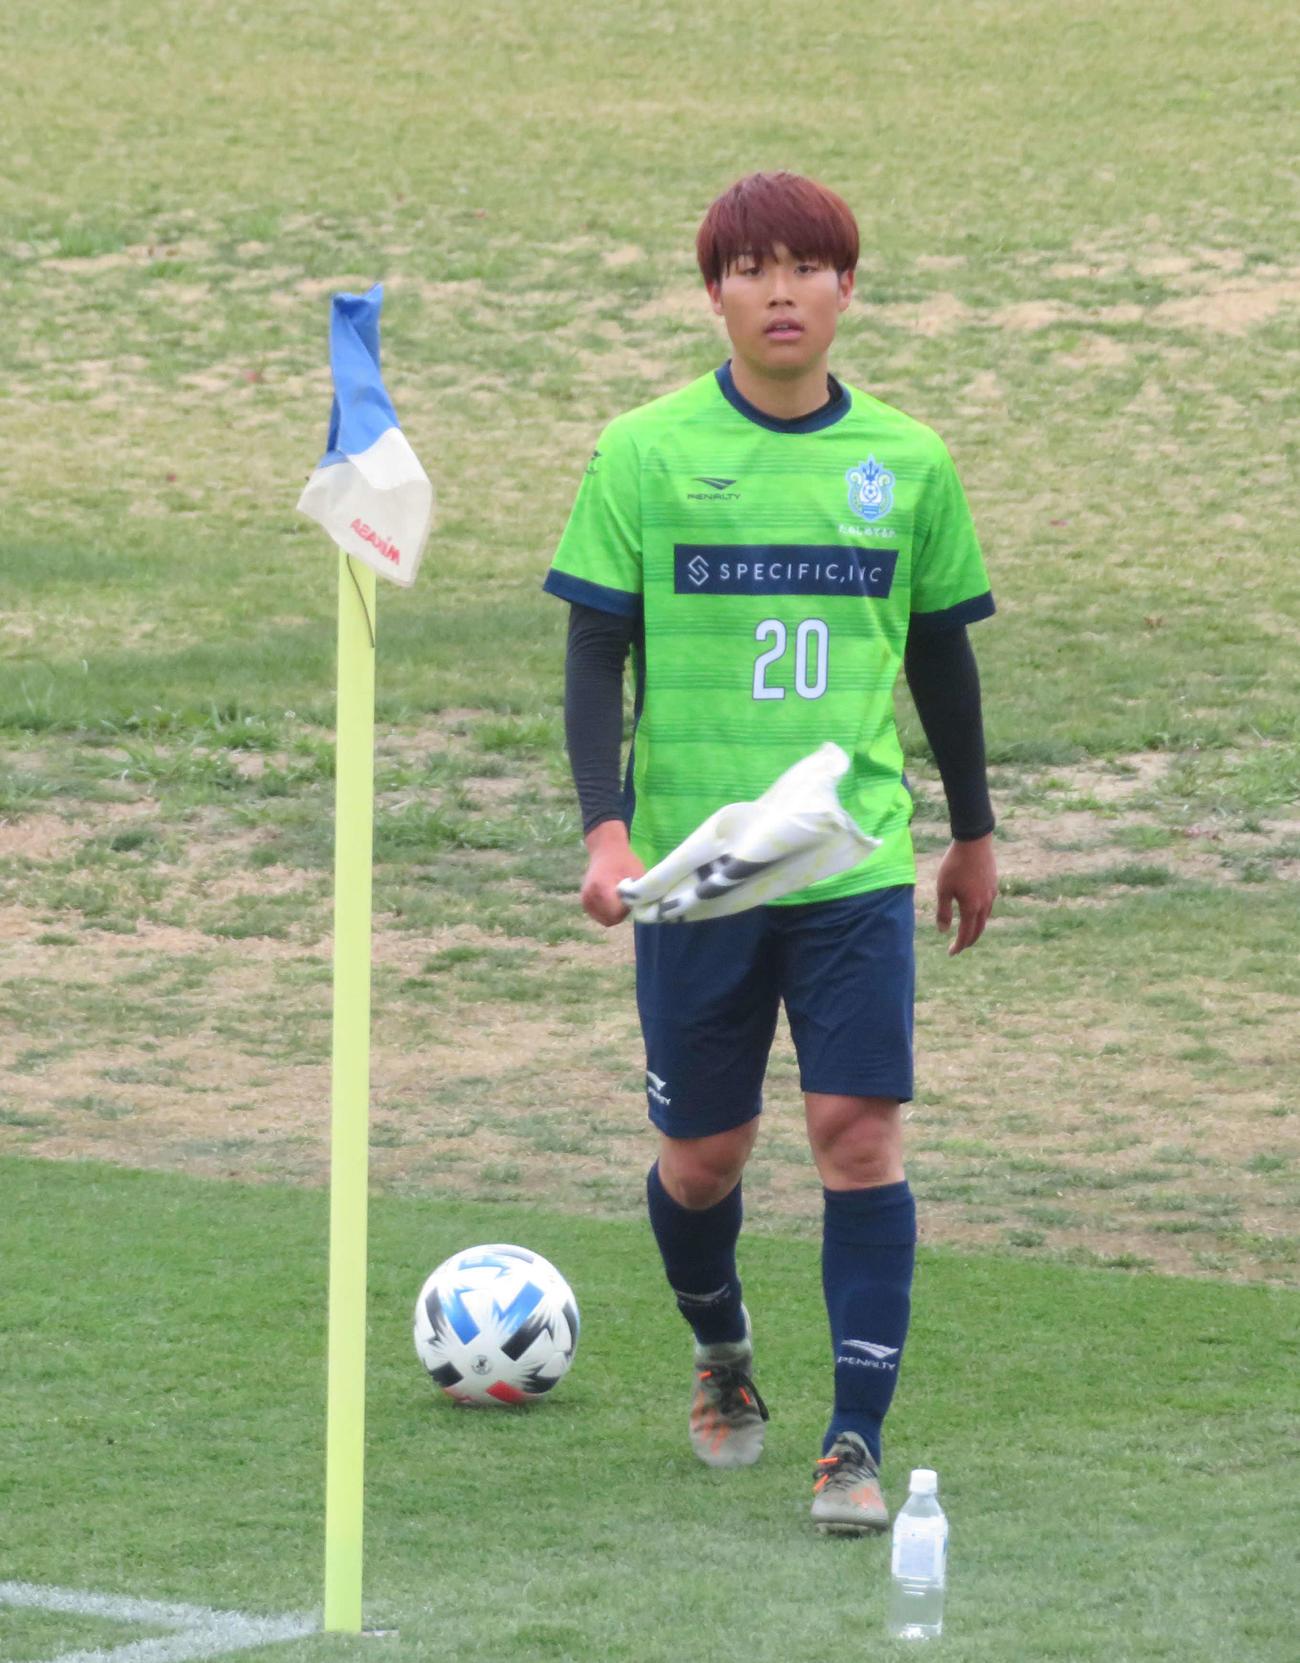 J2水戸との練習マッチでFWと左サイドの2ポジションでプレーした湘南FW岩崎